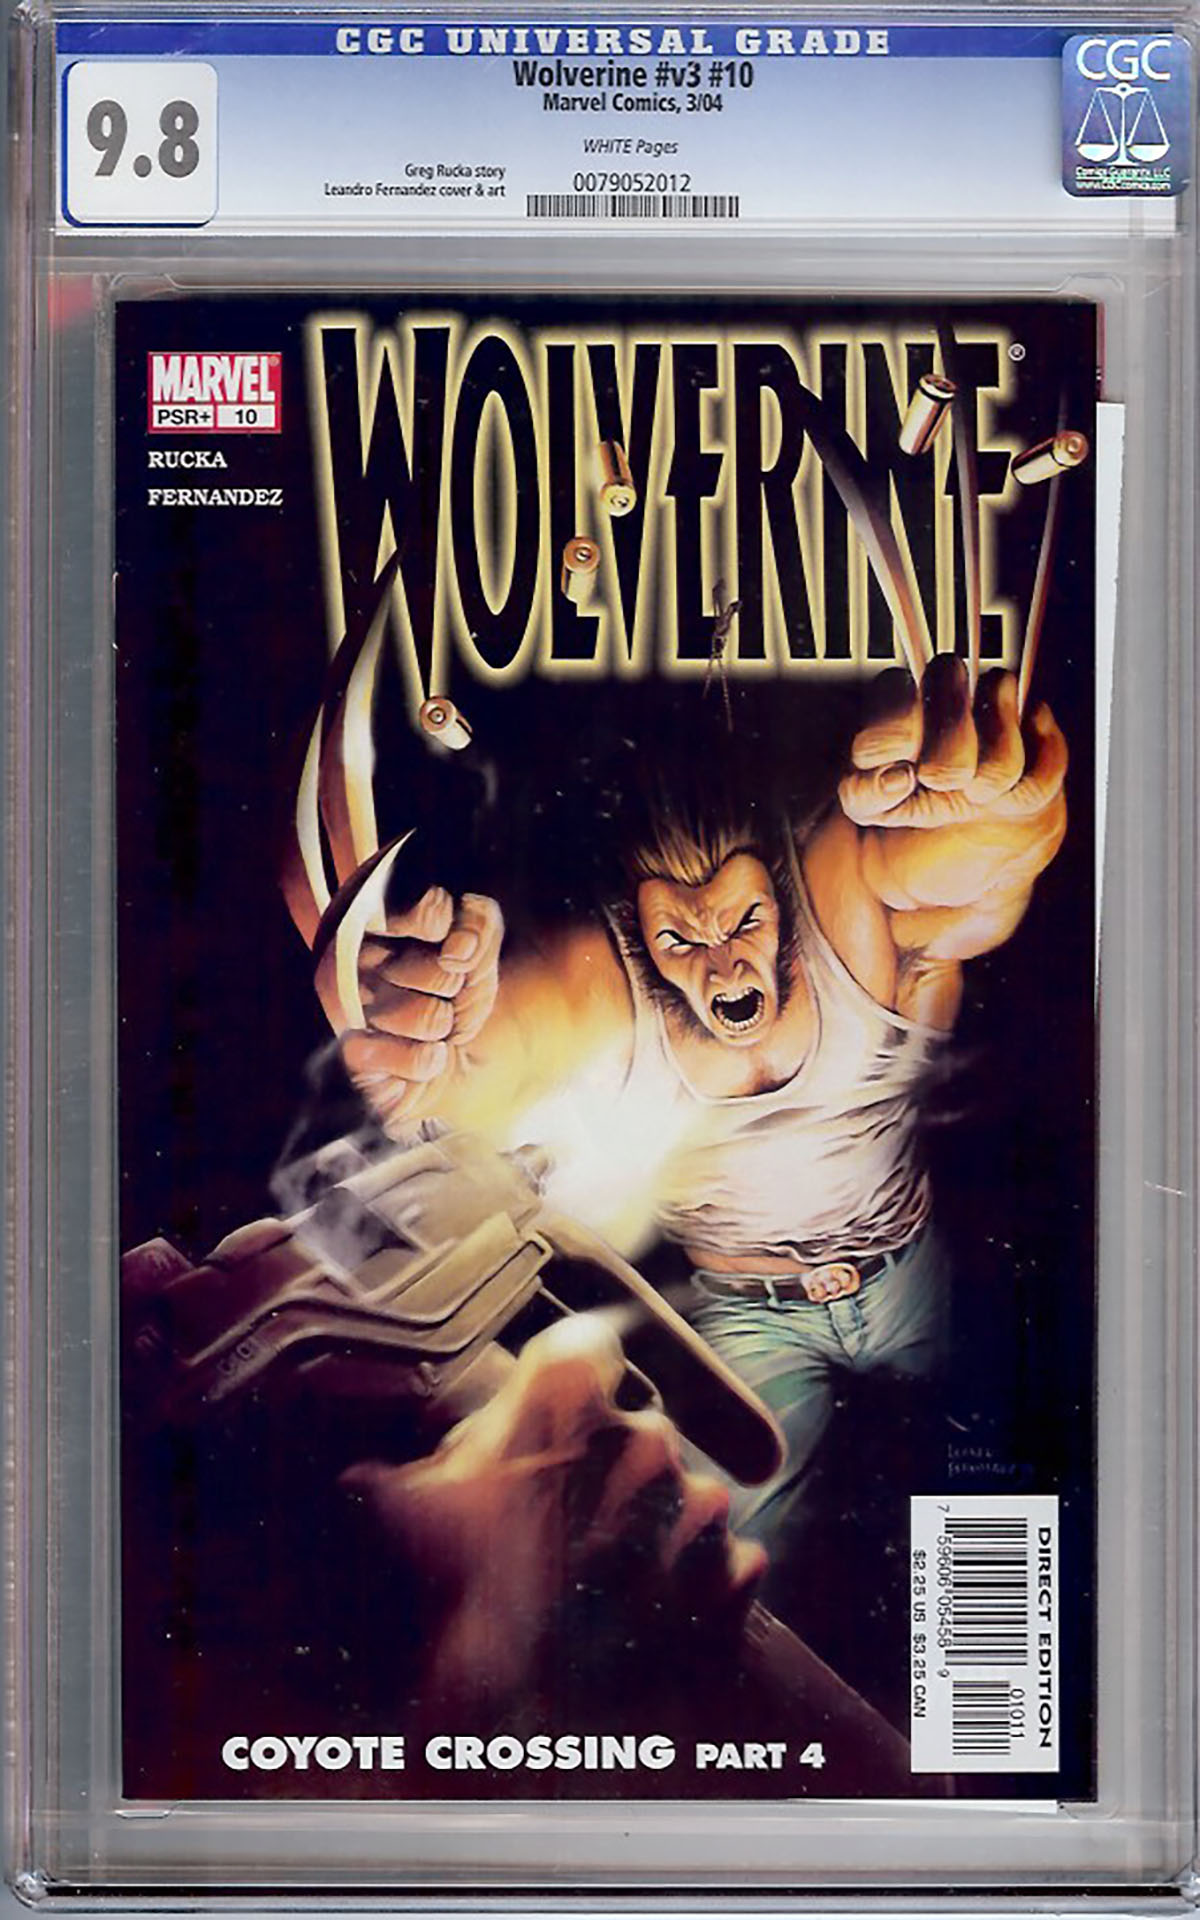 Wolverine Vol 3 #10 CGC 9.8 w